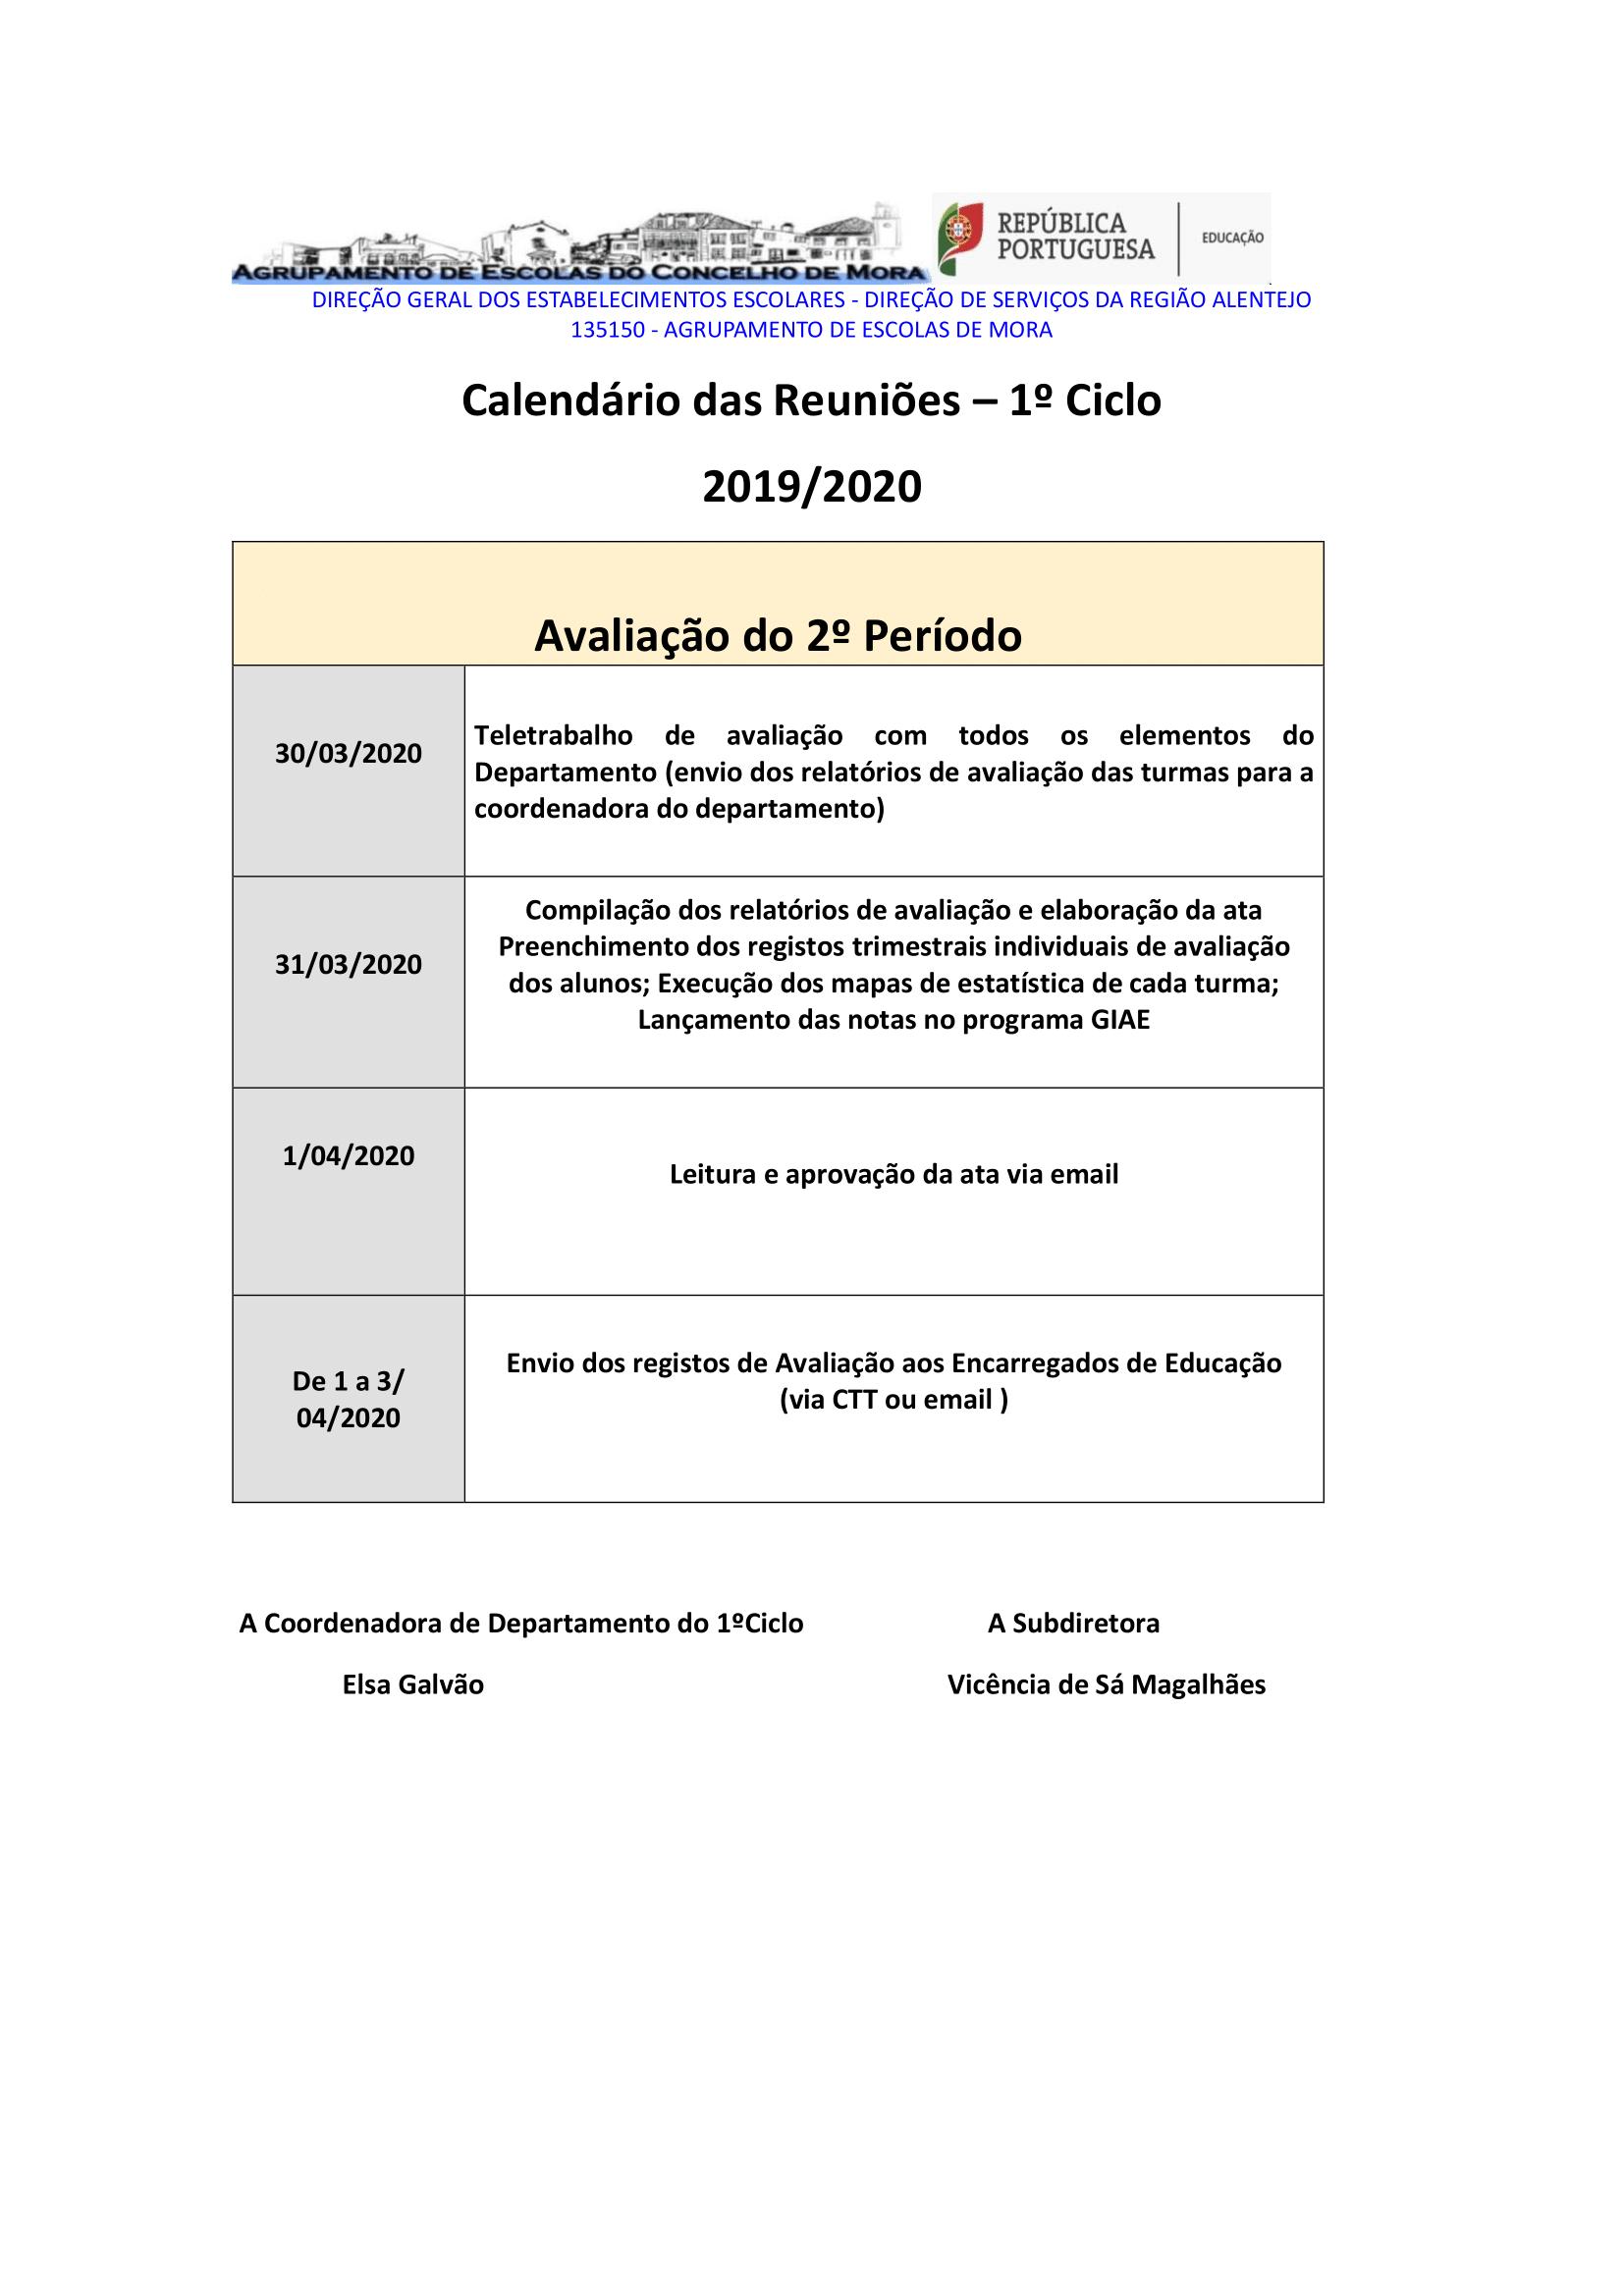 Reuniões do 2.º Período – 1.º Ciclo